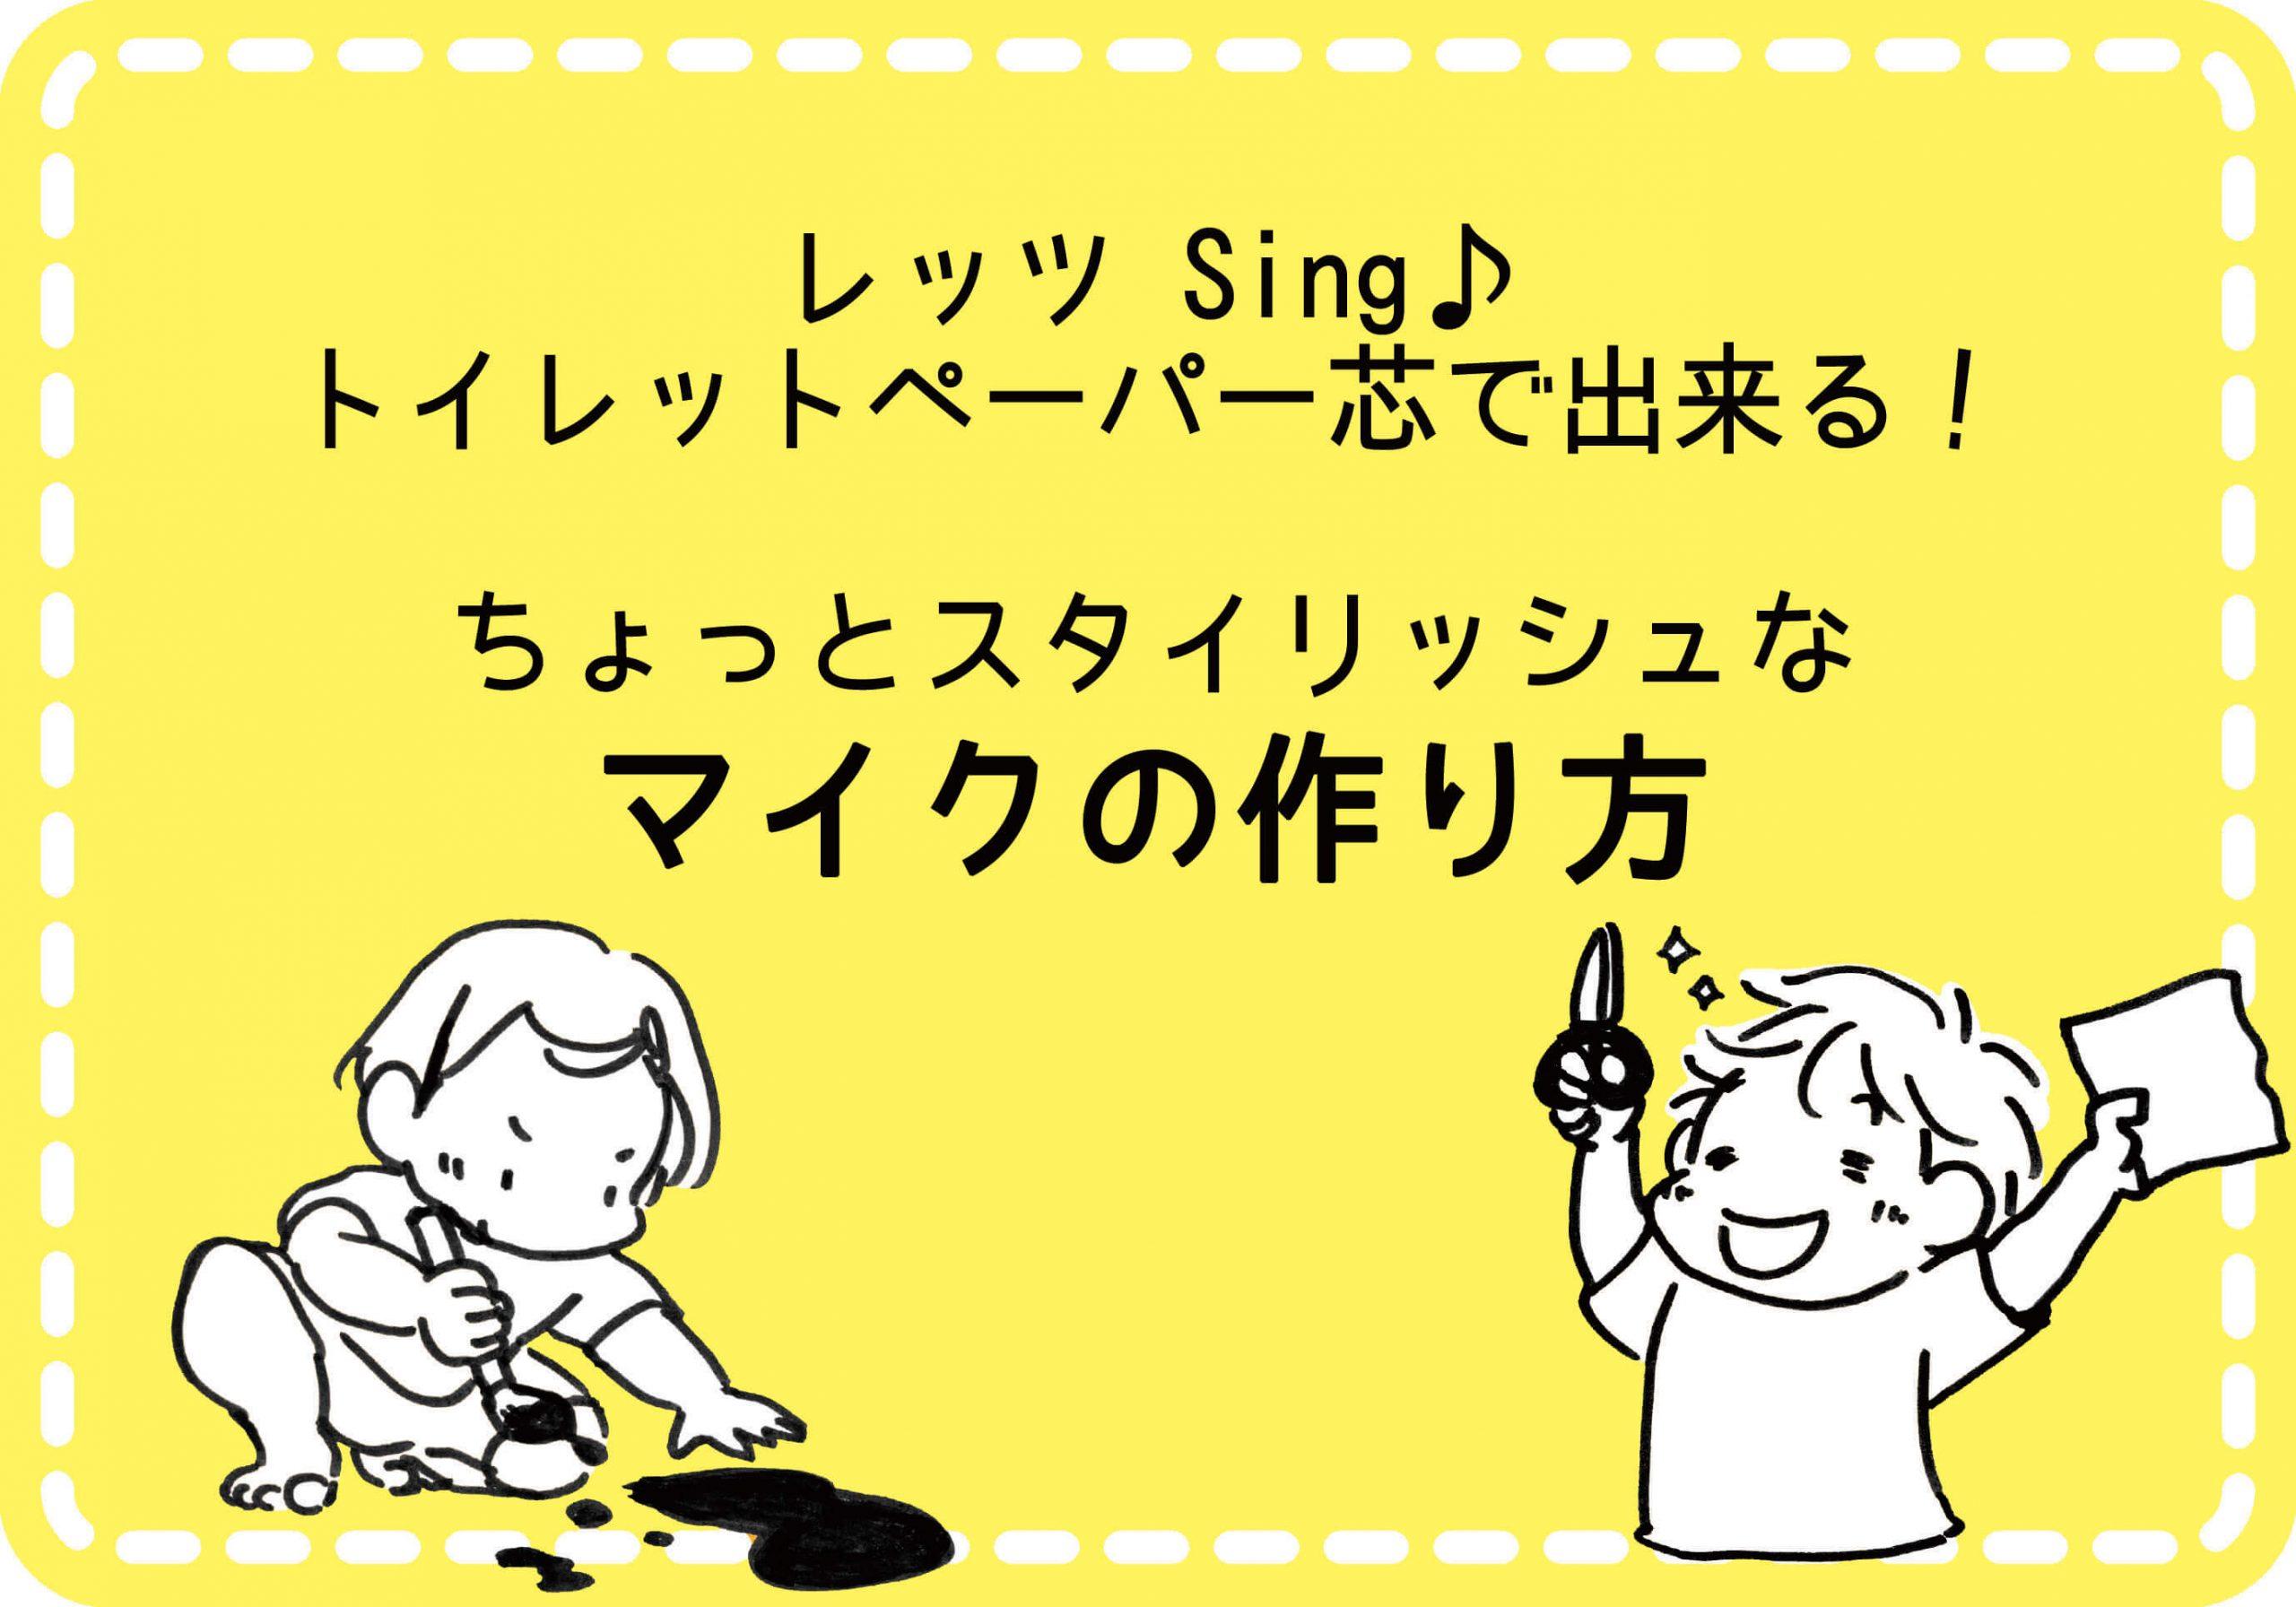 レッツ Sing!トイレットペーパー芯で出来る! ちょっとスタイリッシュなマイクの作り方